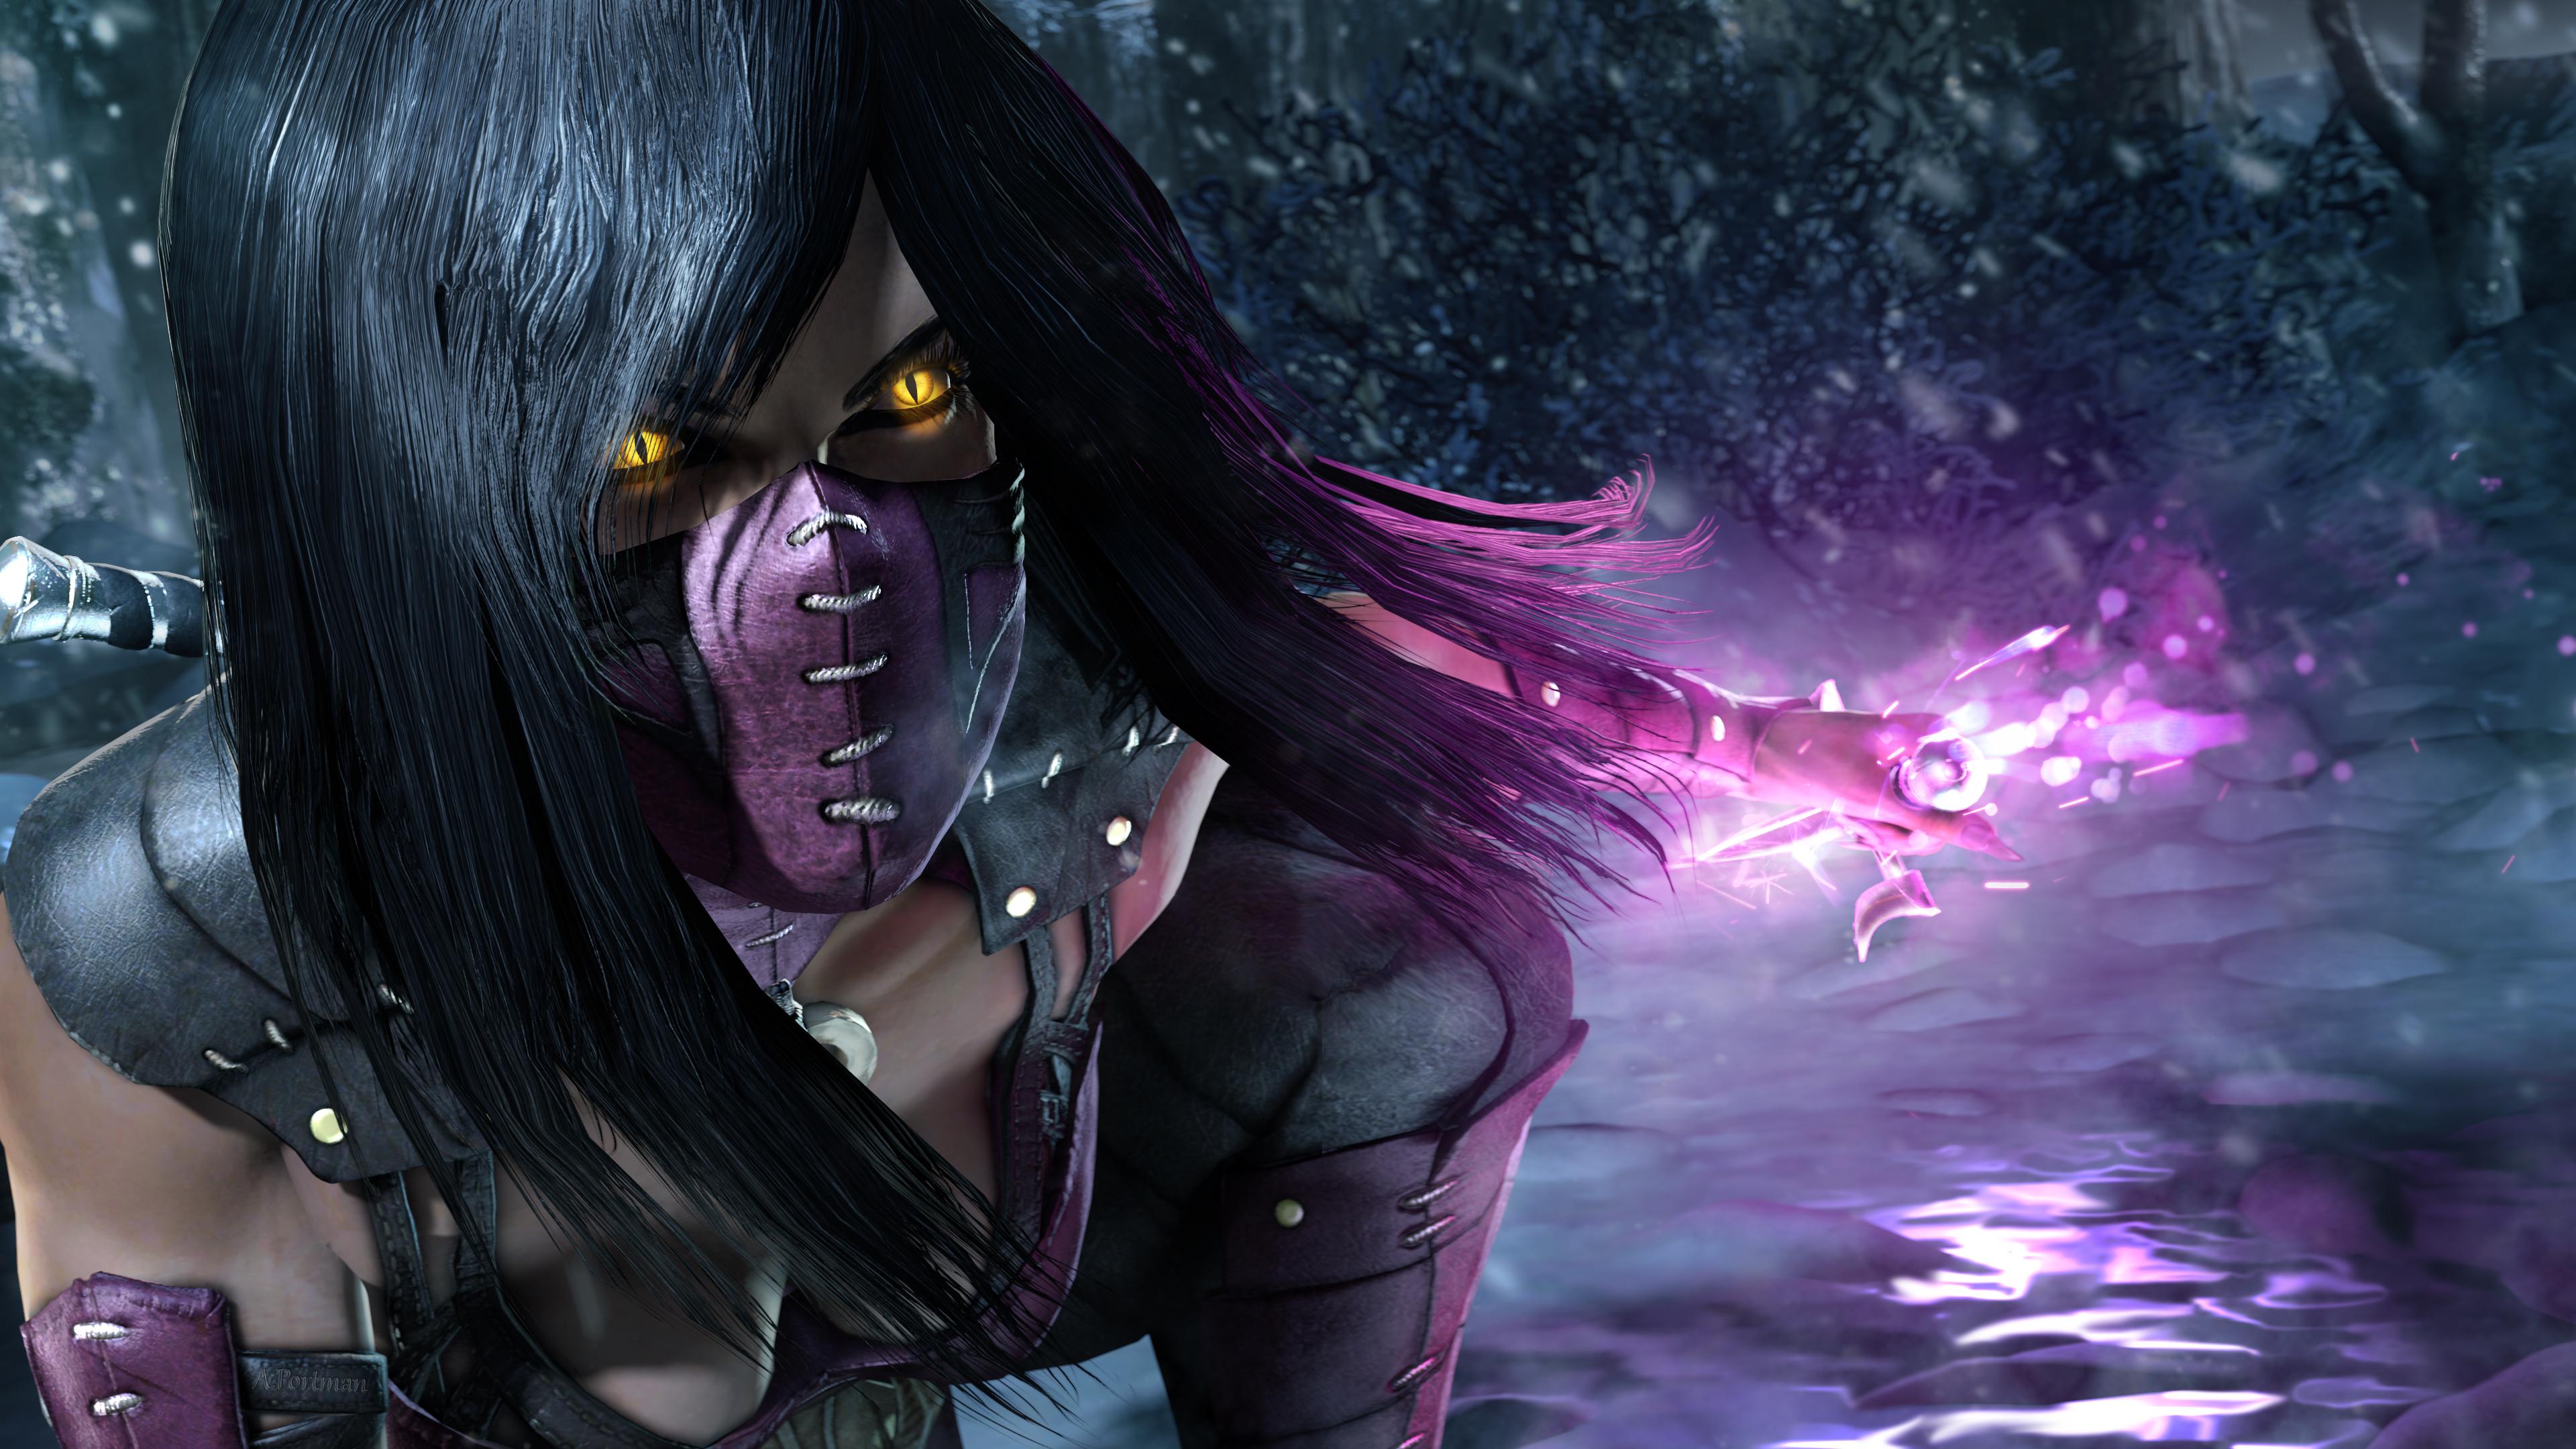 Mortal Kombat X Hd Desktop